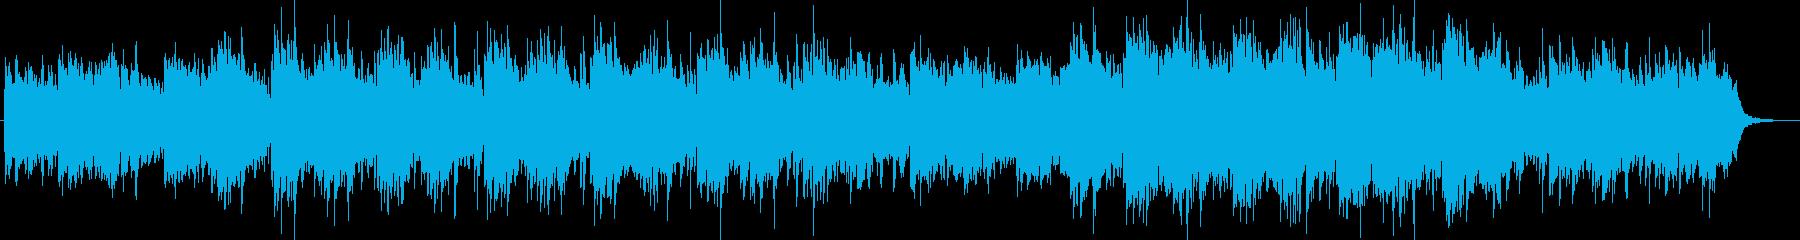 ドラマチックなシンセサイザーポップの再生済みの波形